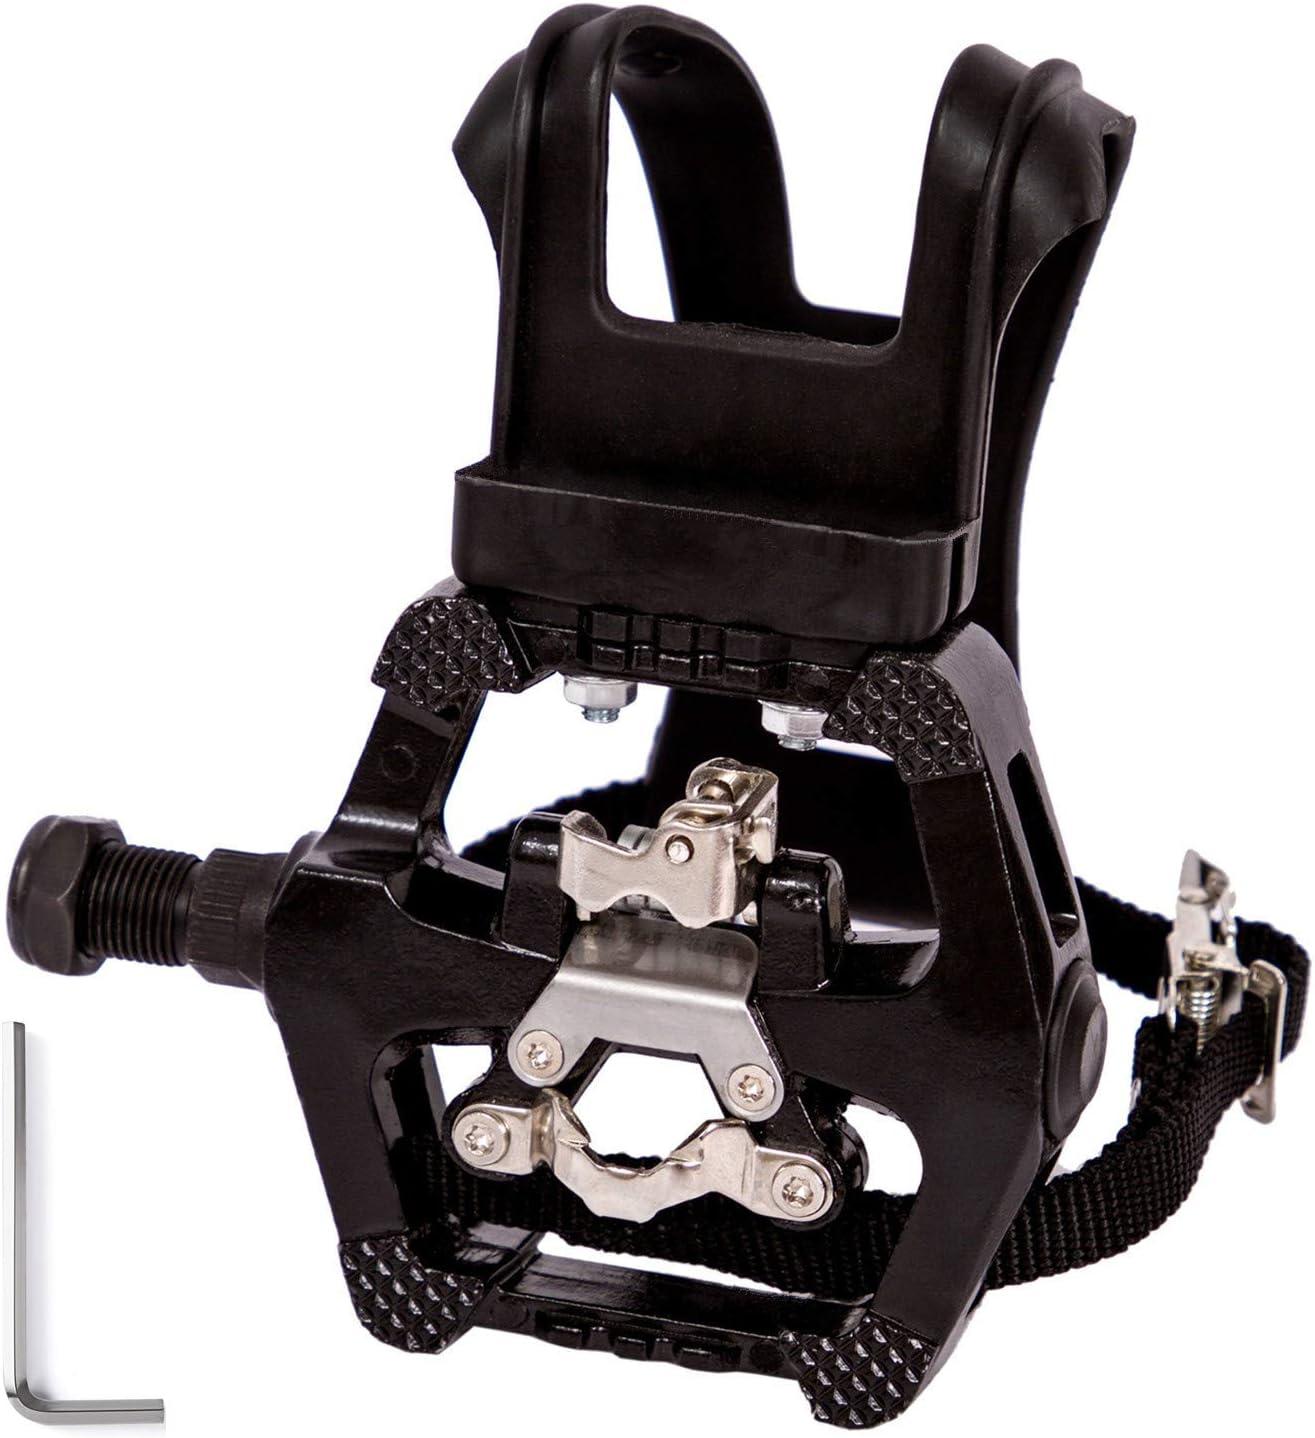 COZYROOMY Pedales SPD - Pedal híbrido con Jaula y Correa, Adecuado para Bicicletas Ejercicio Interior, Bike Spinning y Todas Las Bicicletas con un Eje 9/16 Pulgadas